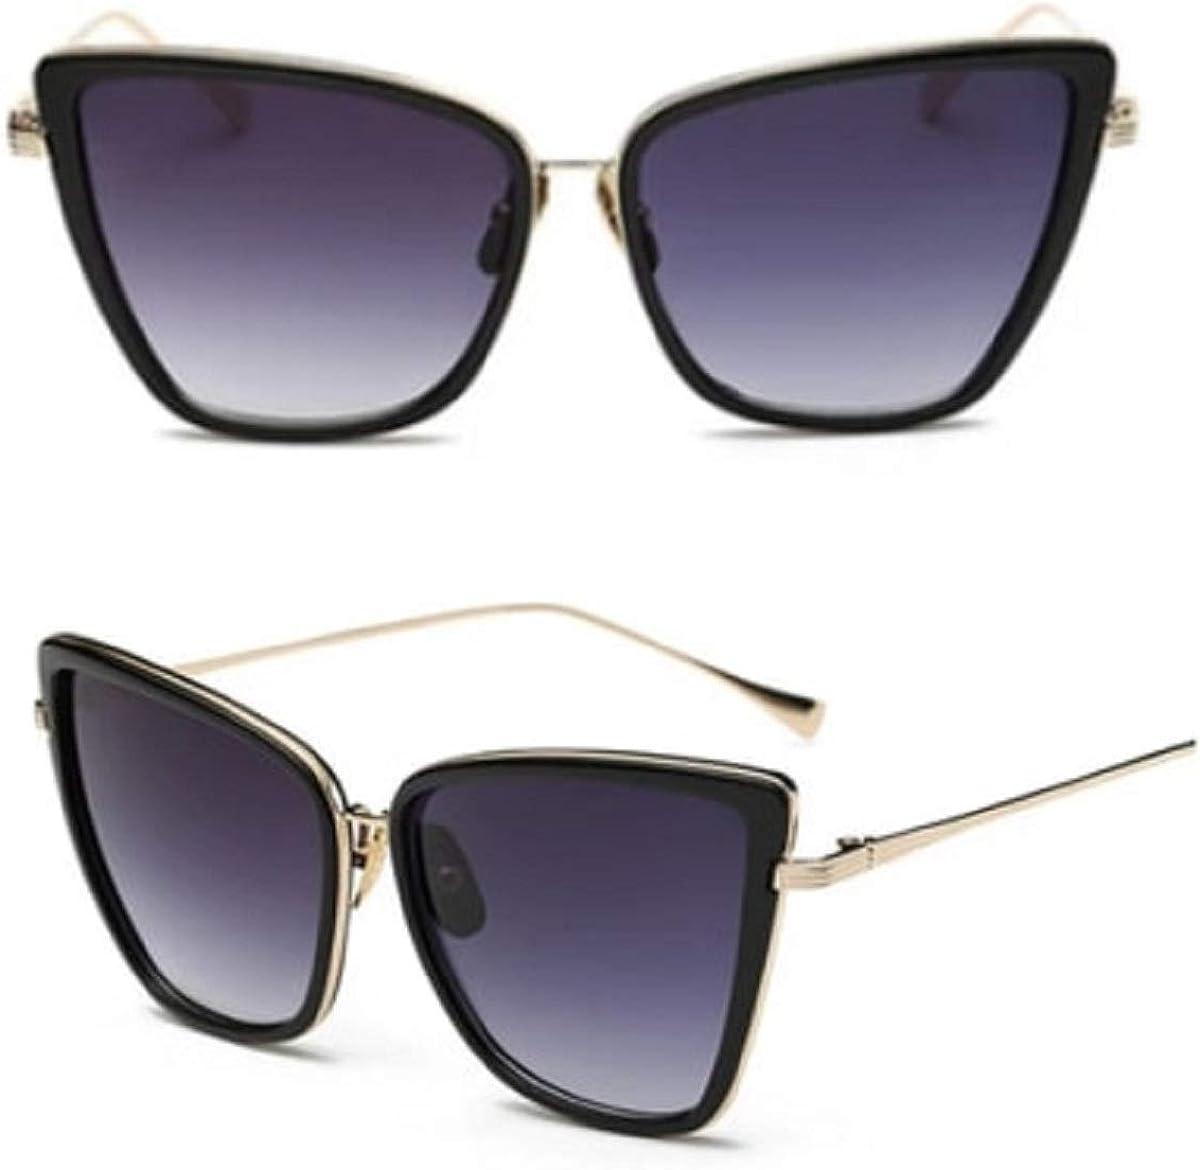 No Name Ltd Gafas de sol cuadradas negras con ojo de gato para mujer, estilo retro vintage 2020 Ibiza Festival